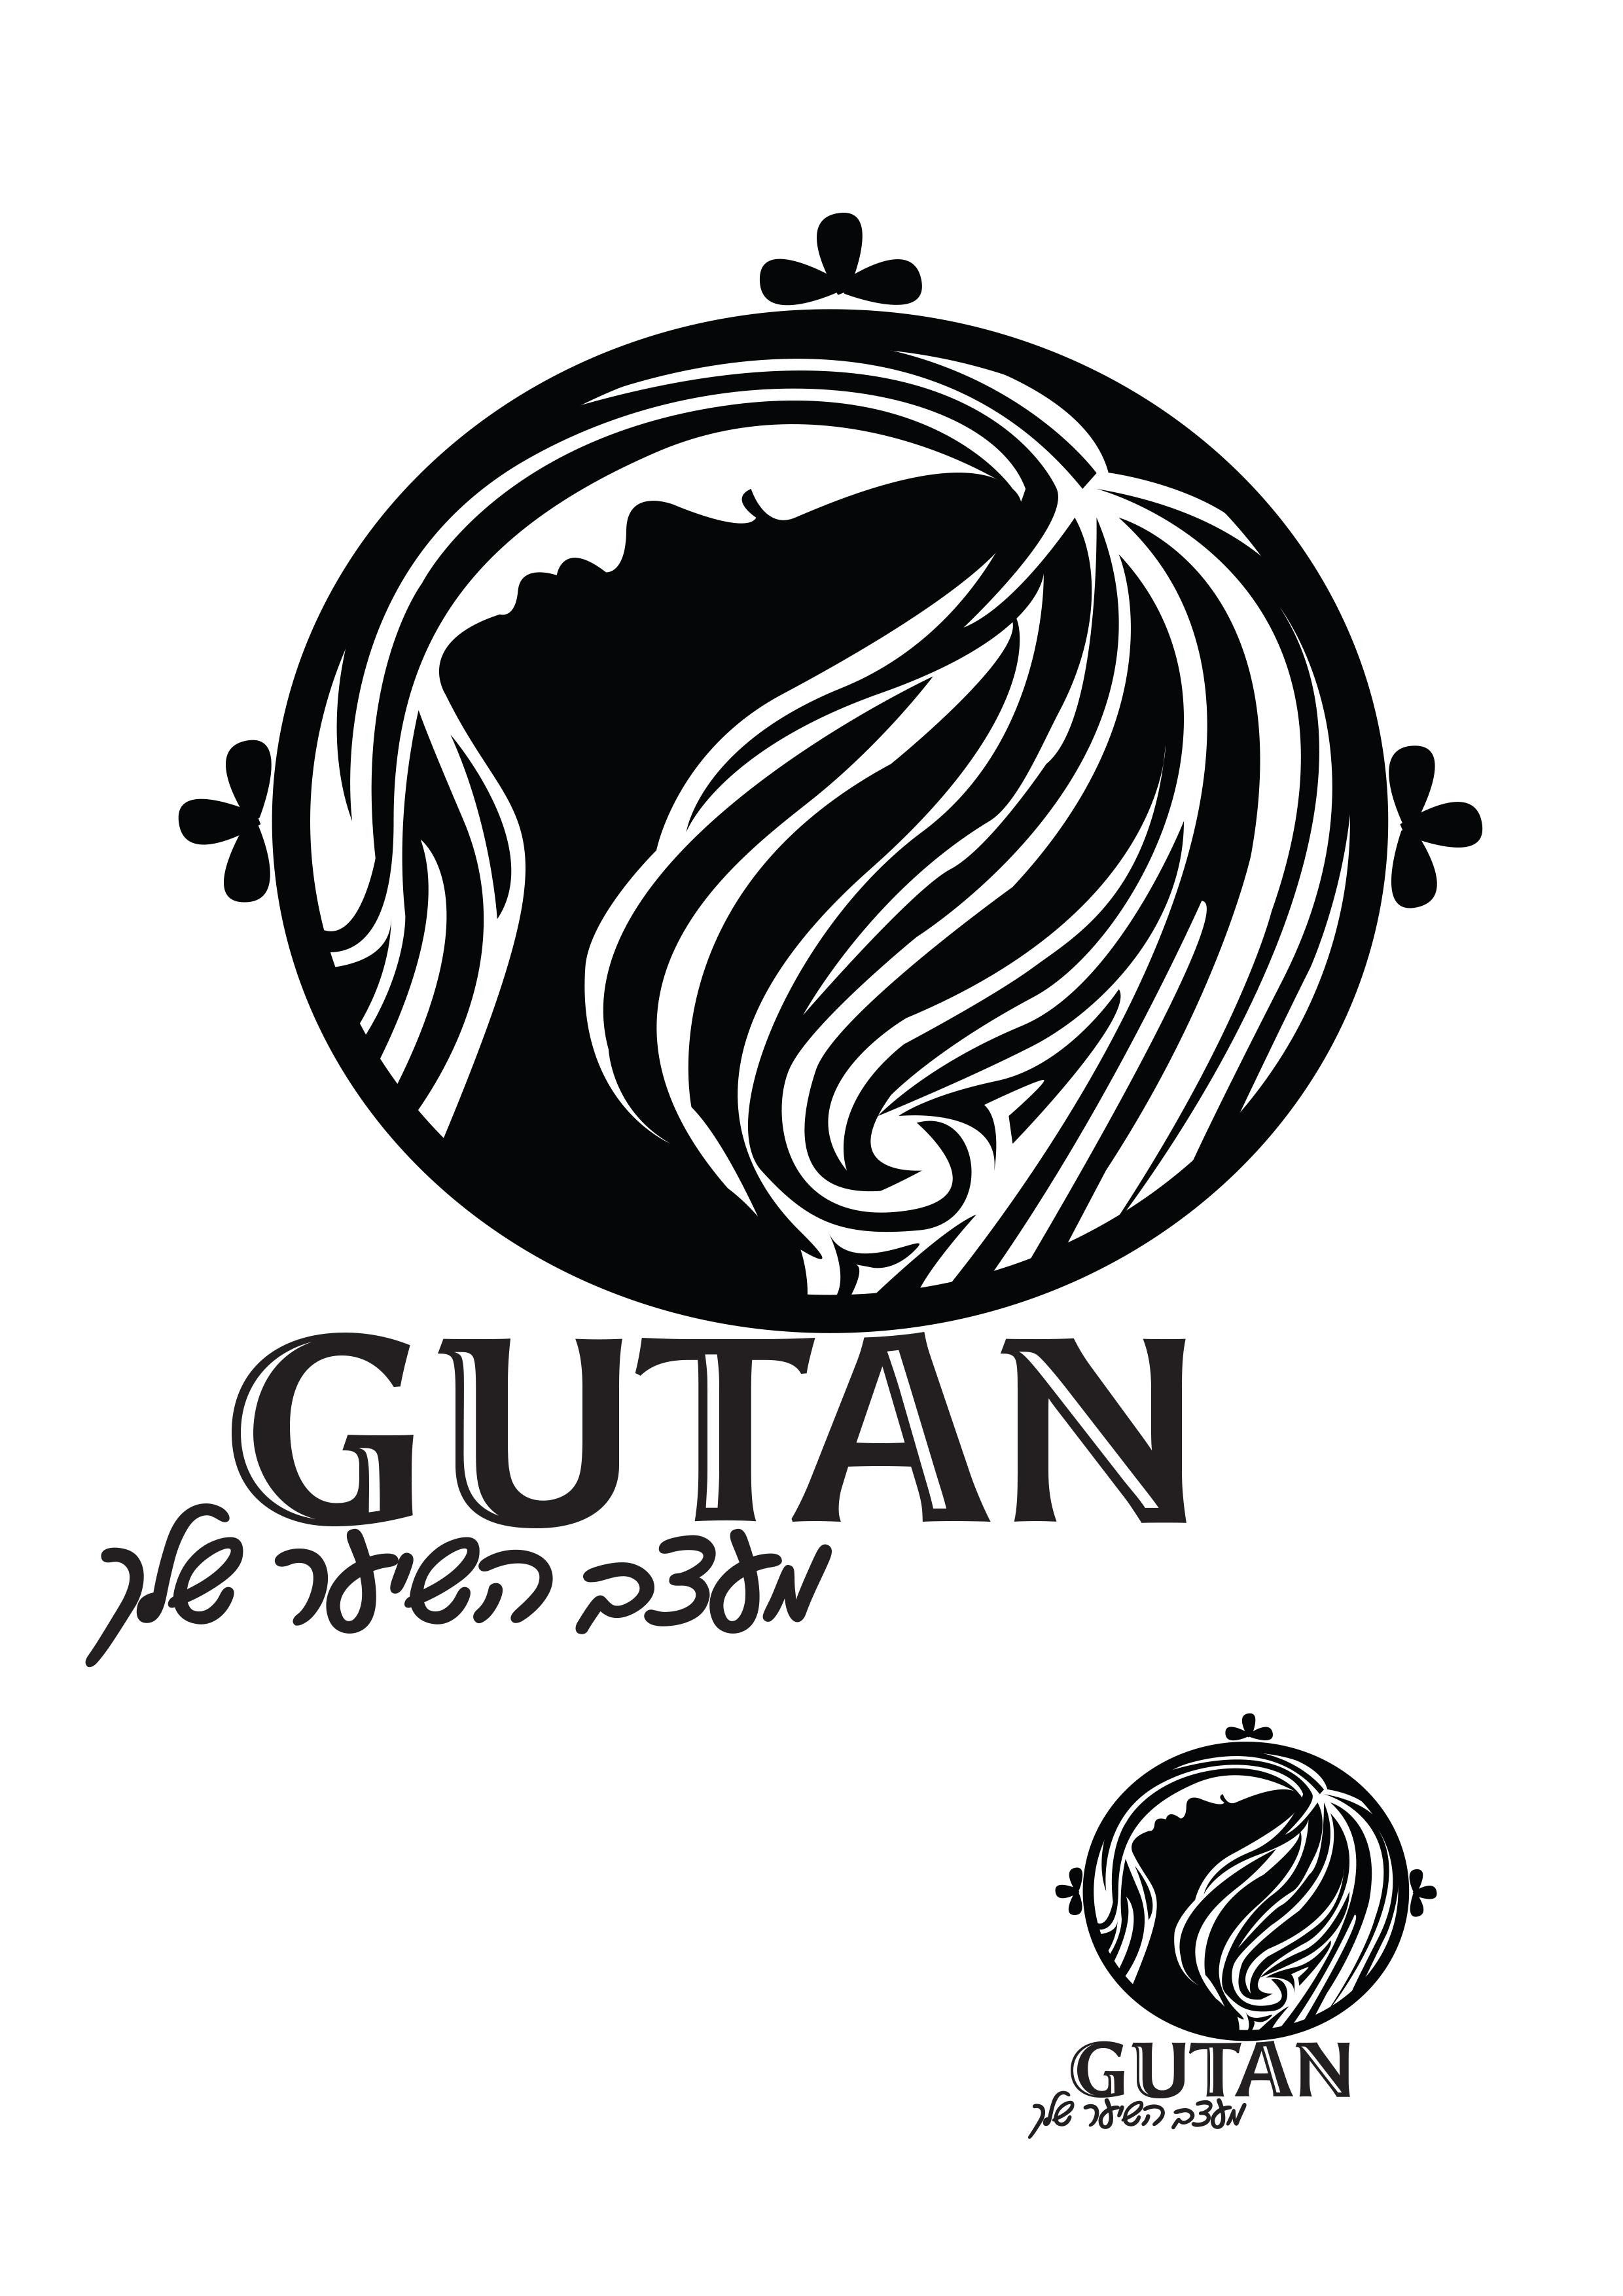 עיצוב לוגו - הדרי חנקין